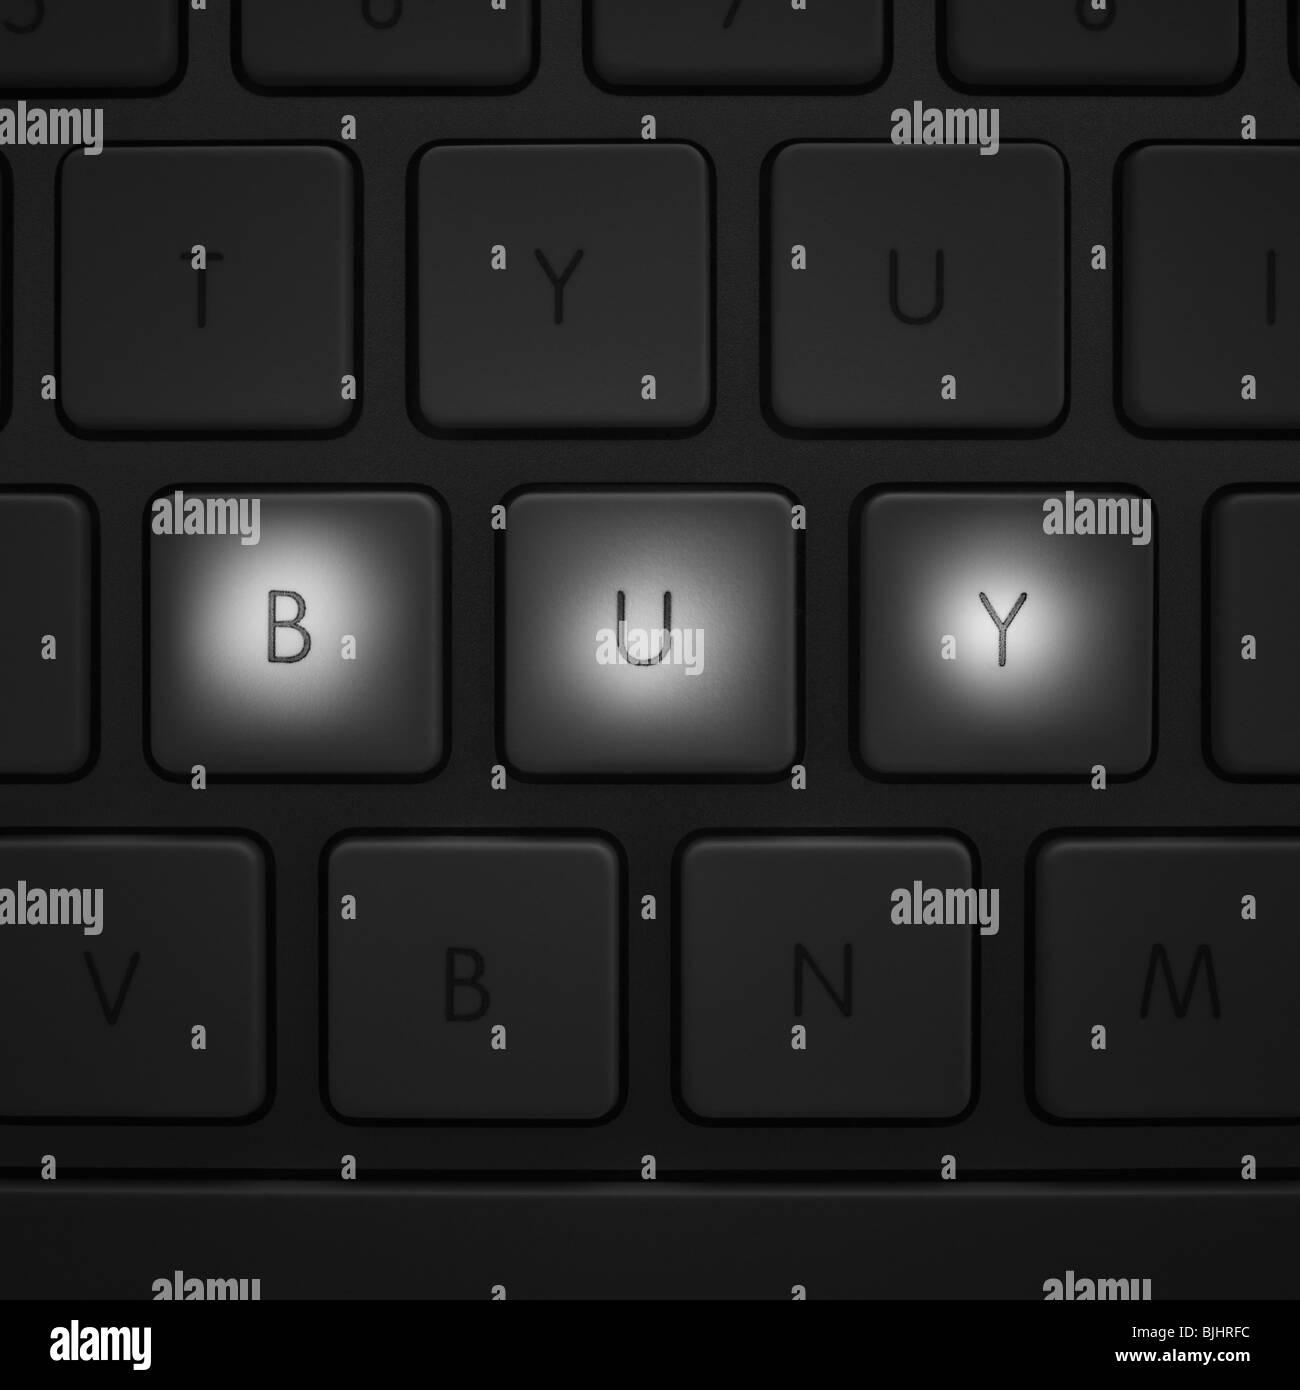 Las teclas en el teclado Imagen De Stock